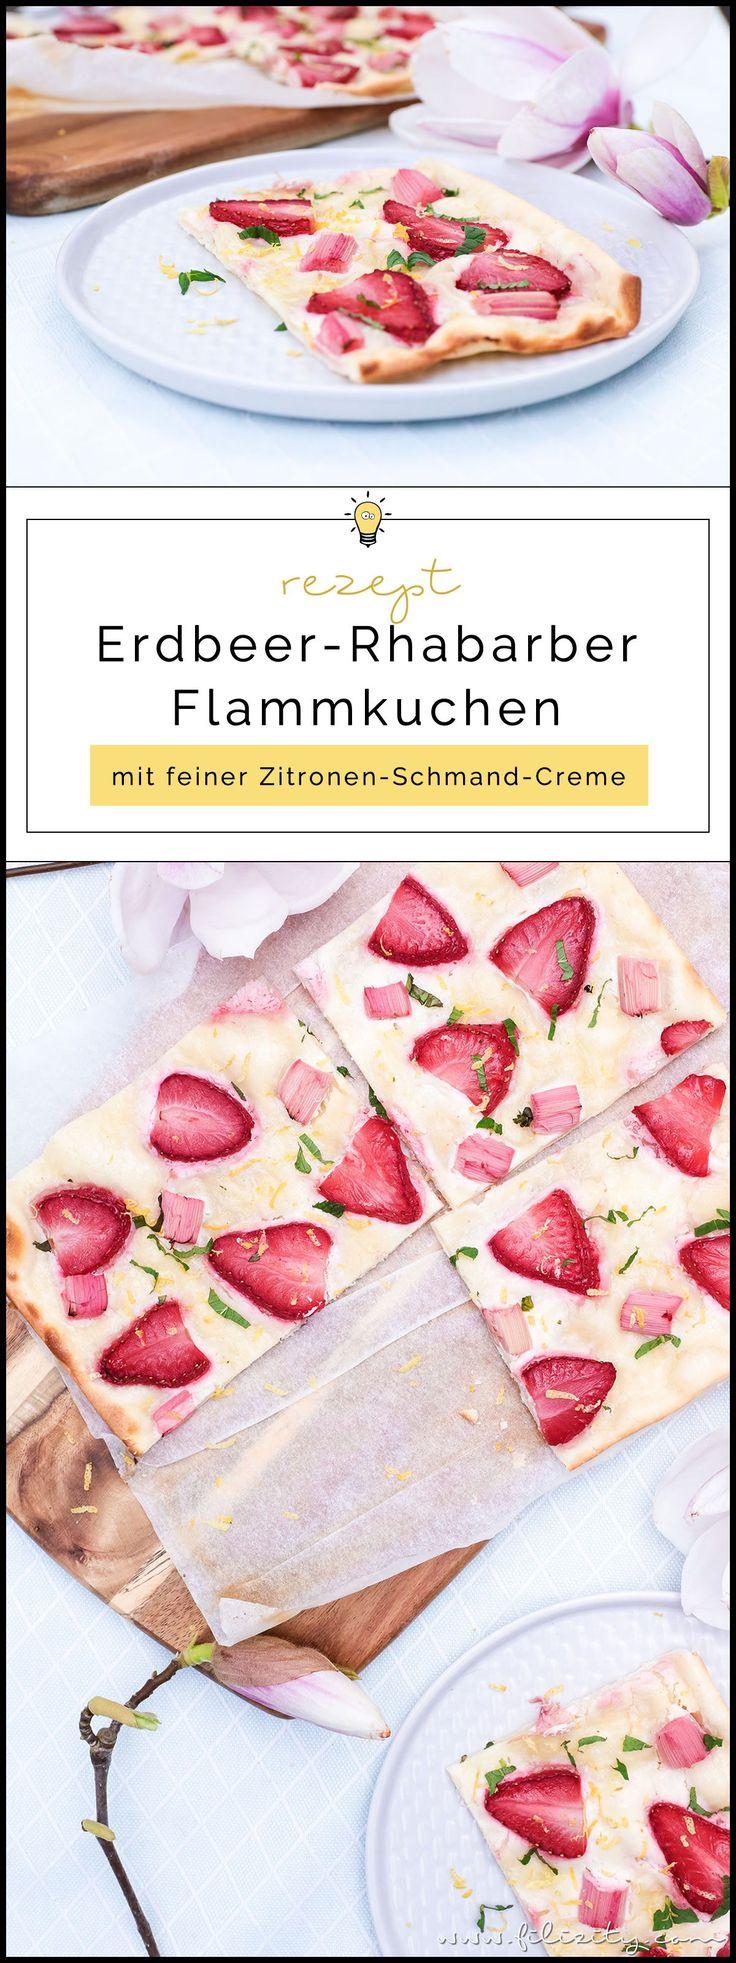 Erdbeer-Rhabarber-Flammkuchen   Süße Variante des klassischen Elsässer Flammkuchens   Leckeres Rezept für Frühling & Sommer   Filizity.com   Food-Blog aus dem Rheinland #flammkuchen